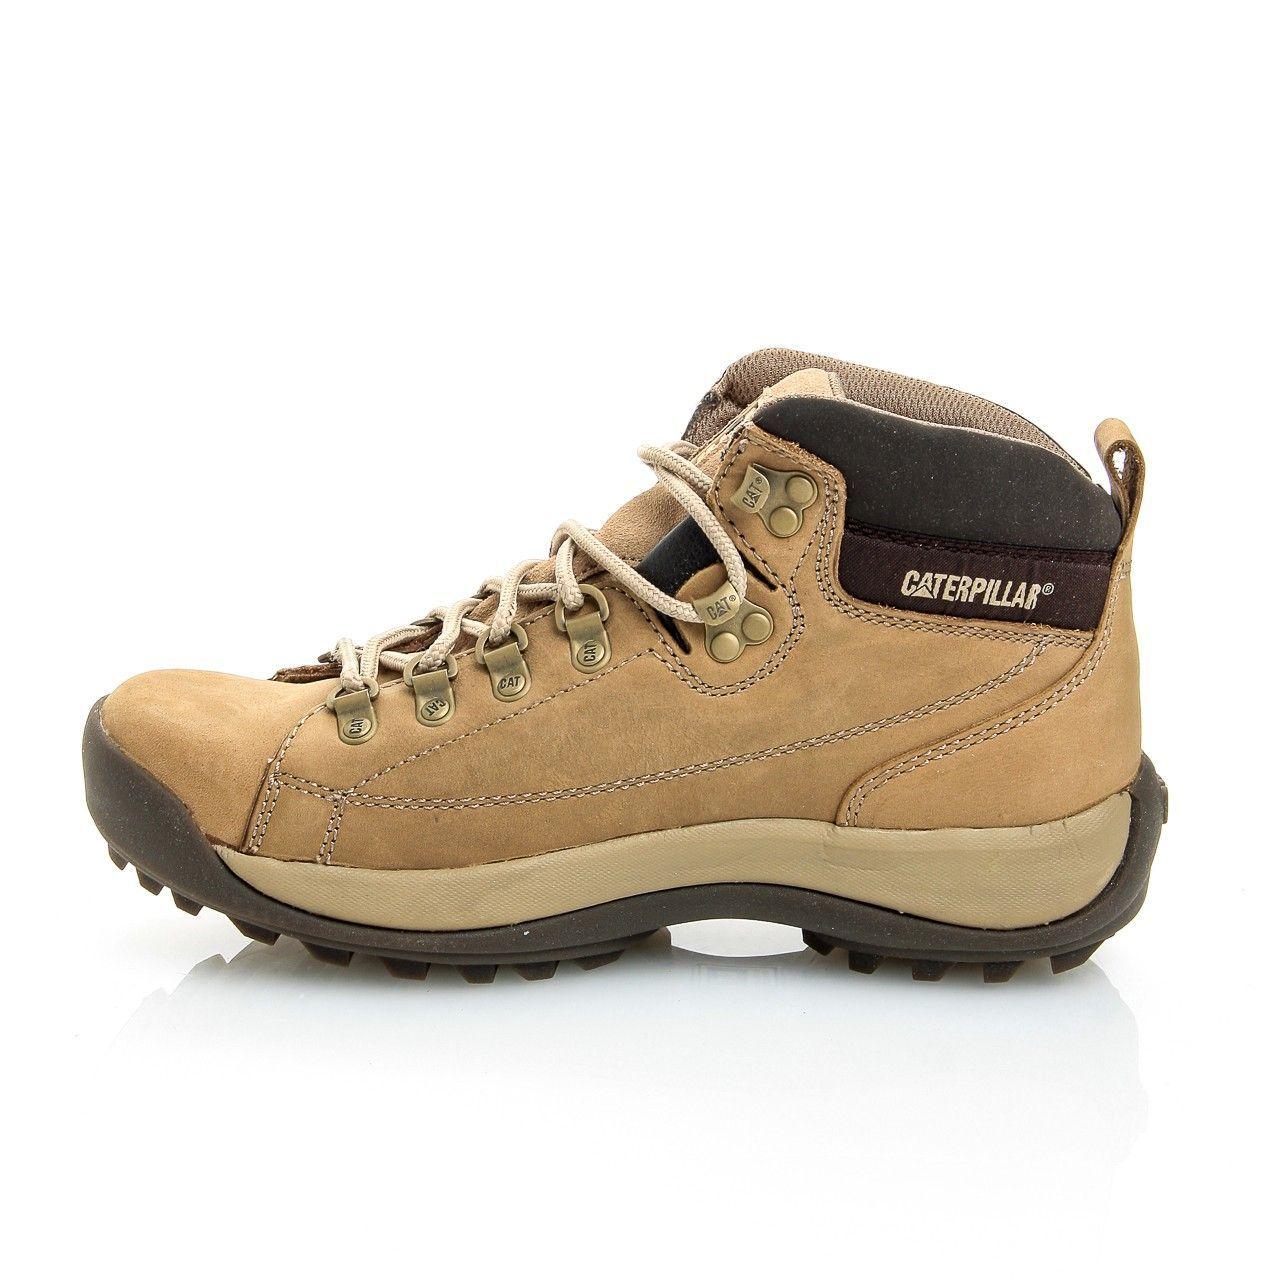 15894256cce5e MODELOS DE ZAPATOS CATERPILLAR  caterpillar  modelos  modelosdezapatos   zapatos